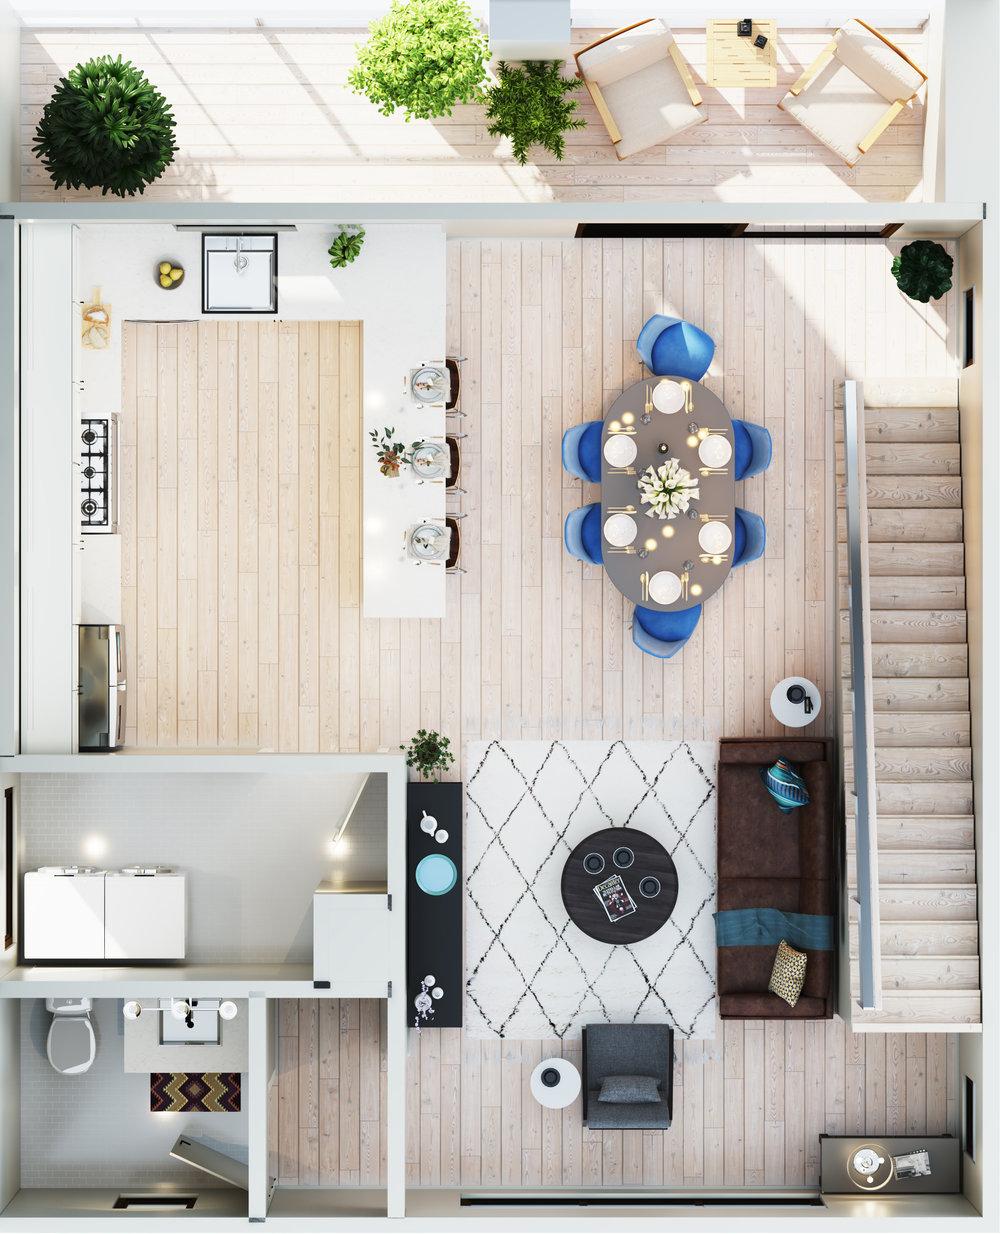 BA_Septima + Farmer_Town Homes_Kitchen Floor Plan_V1_04.jpg